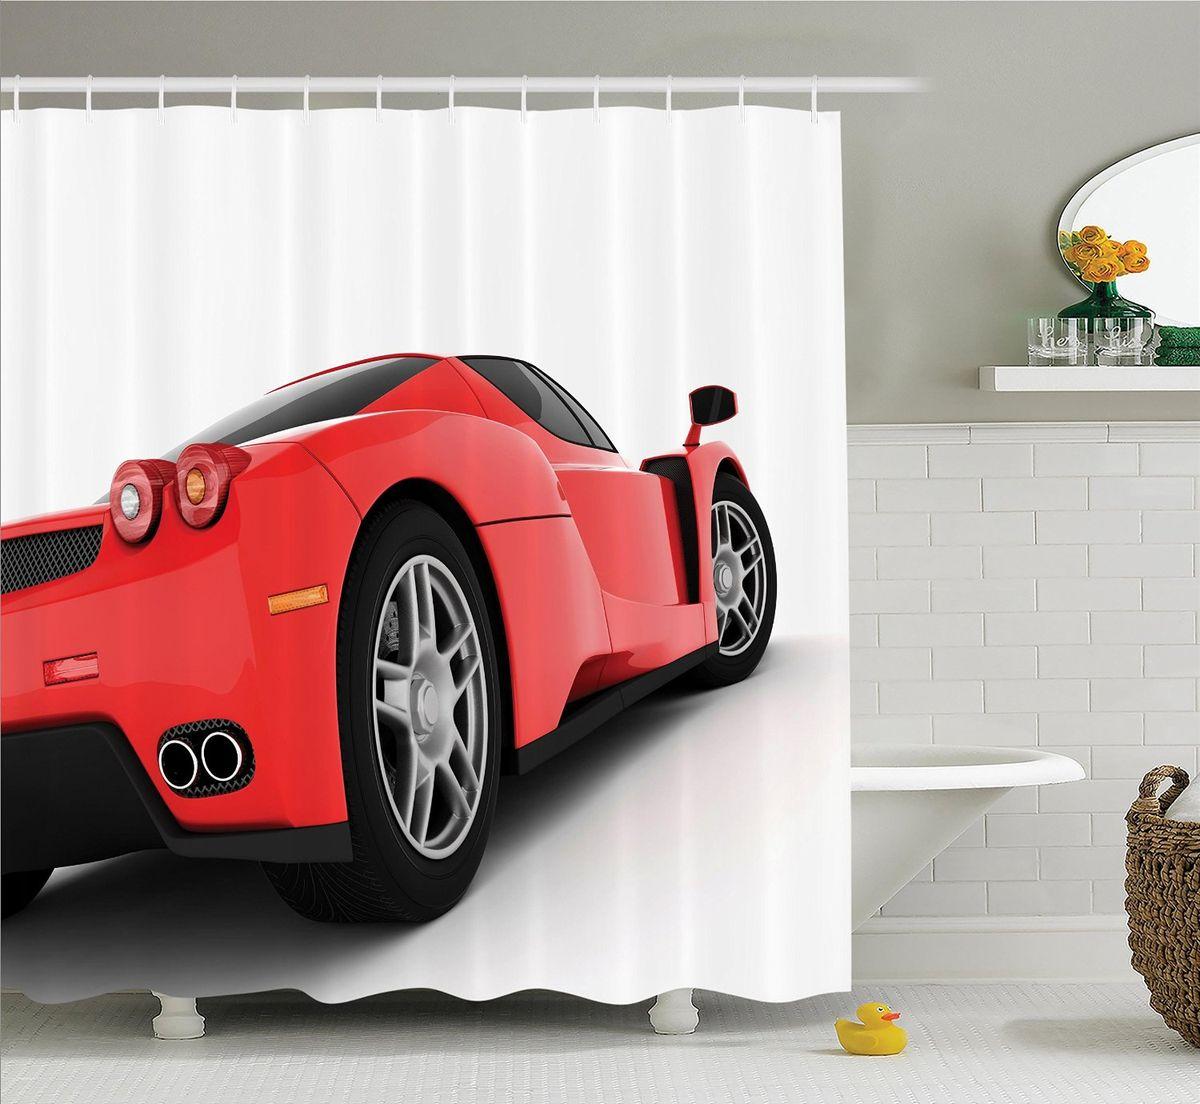 Штора для ванной комнаты Magic Lady Красная машина, 180 х 200 смшв_9924Штора Magic Lady Красная машина, изготовленная из высококачественного сатена (полиэстер 100%), отлично дополнит любой интерьер ванной комнаты. При изготовлении используются специальные гипоаллергенные чернила для прямой печати по ткани, безопасные для человека. В комплекте: 1 штора, 12 крючков. Обращаем ваше внимание, фактический цвет изделия может незначительно отличаться от представленного на фото.